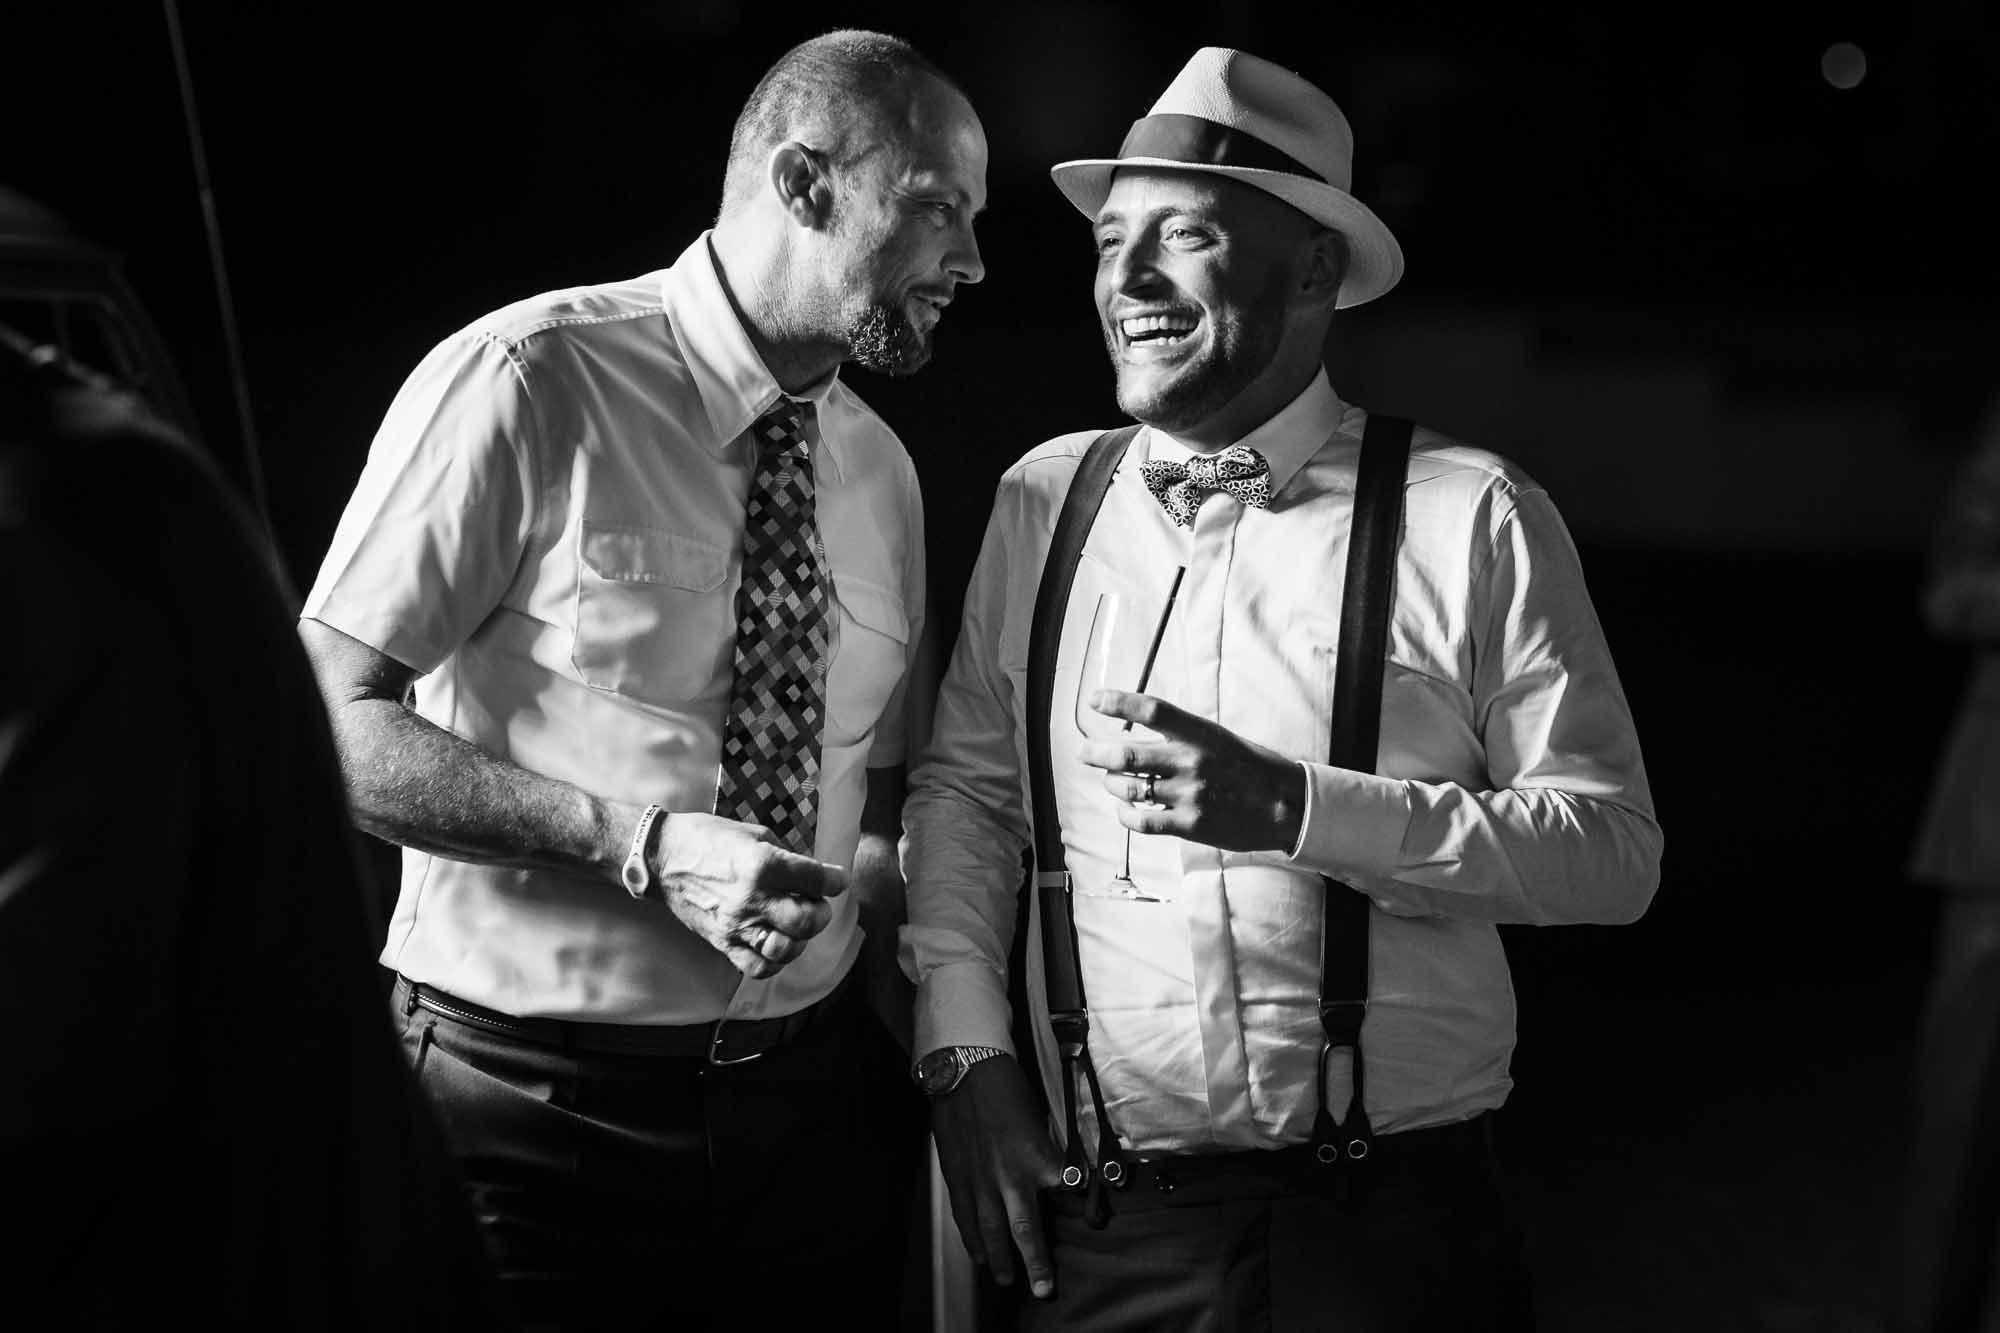 Bräutigam und Gast lachen